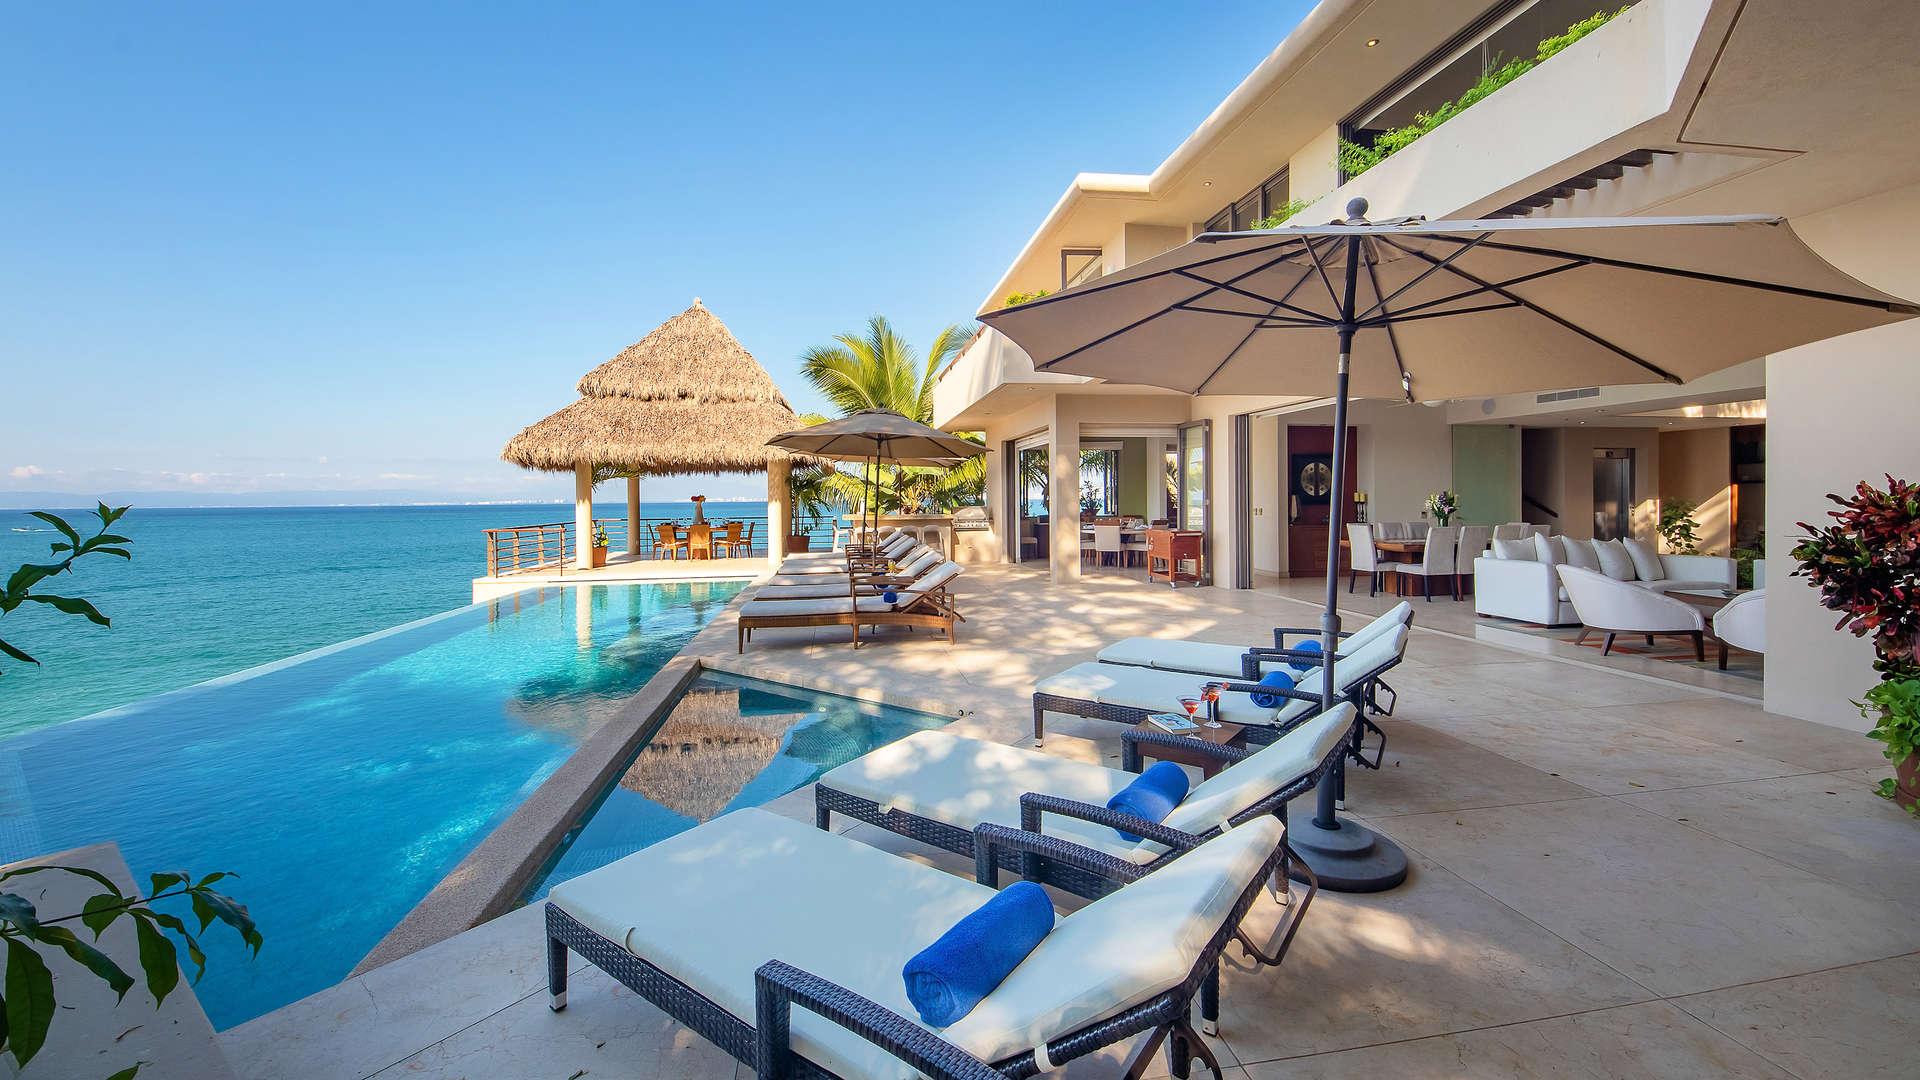 Luxury vacation rentals mexico - Puerto vallarta - Sierra delmar - Villa Kismet - Image 1/30